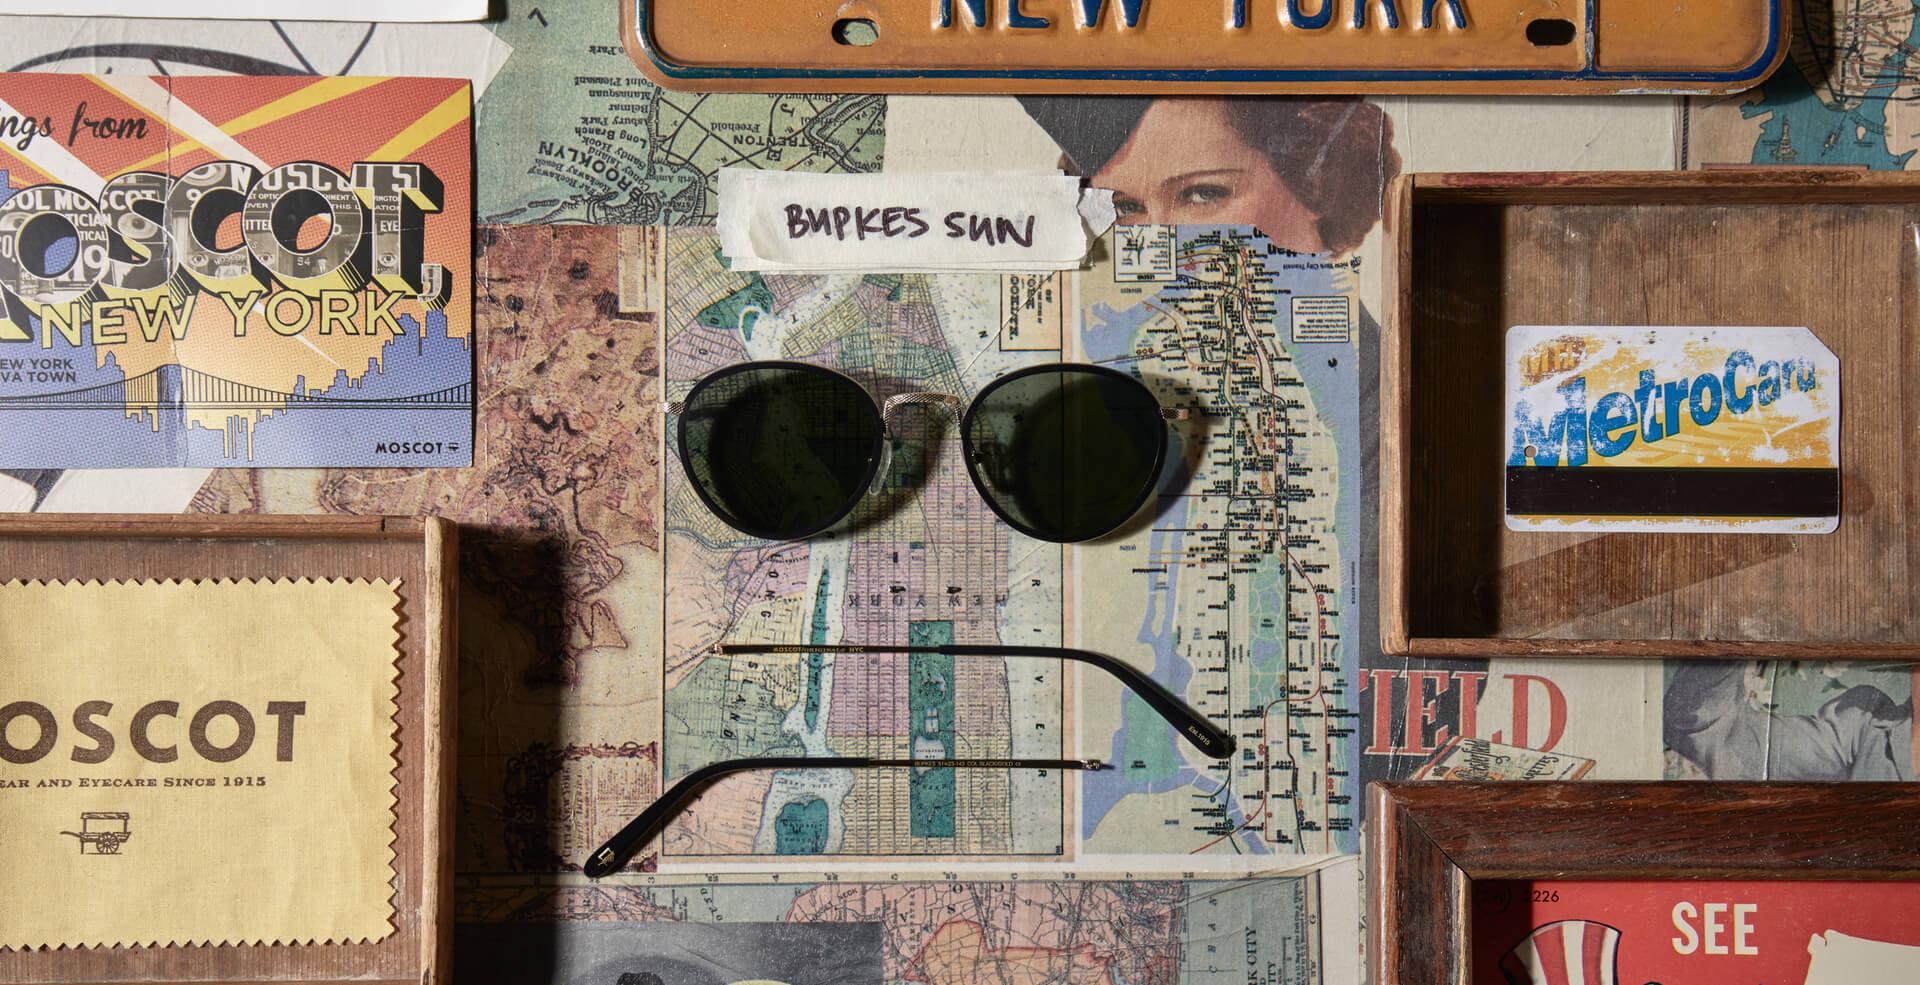 BUPKES SUN